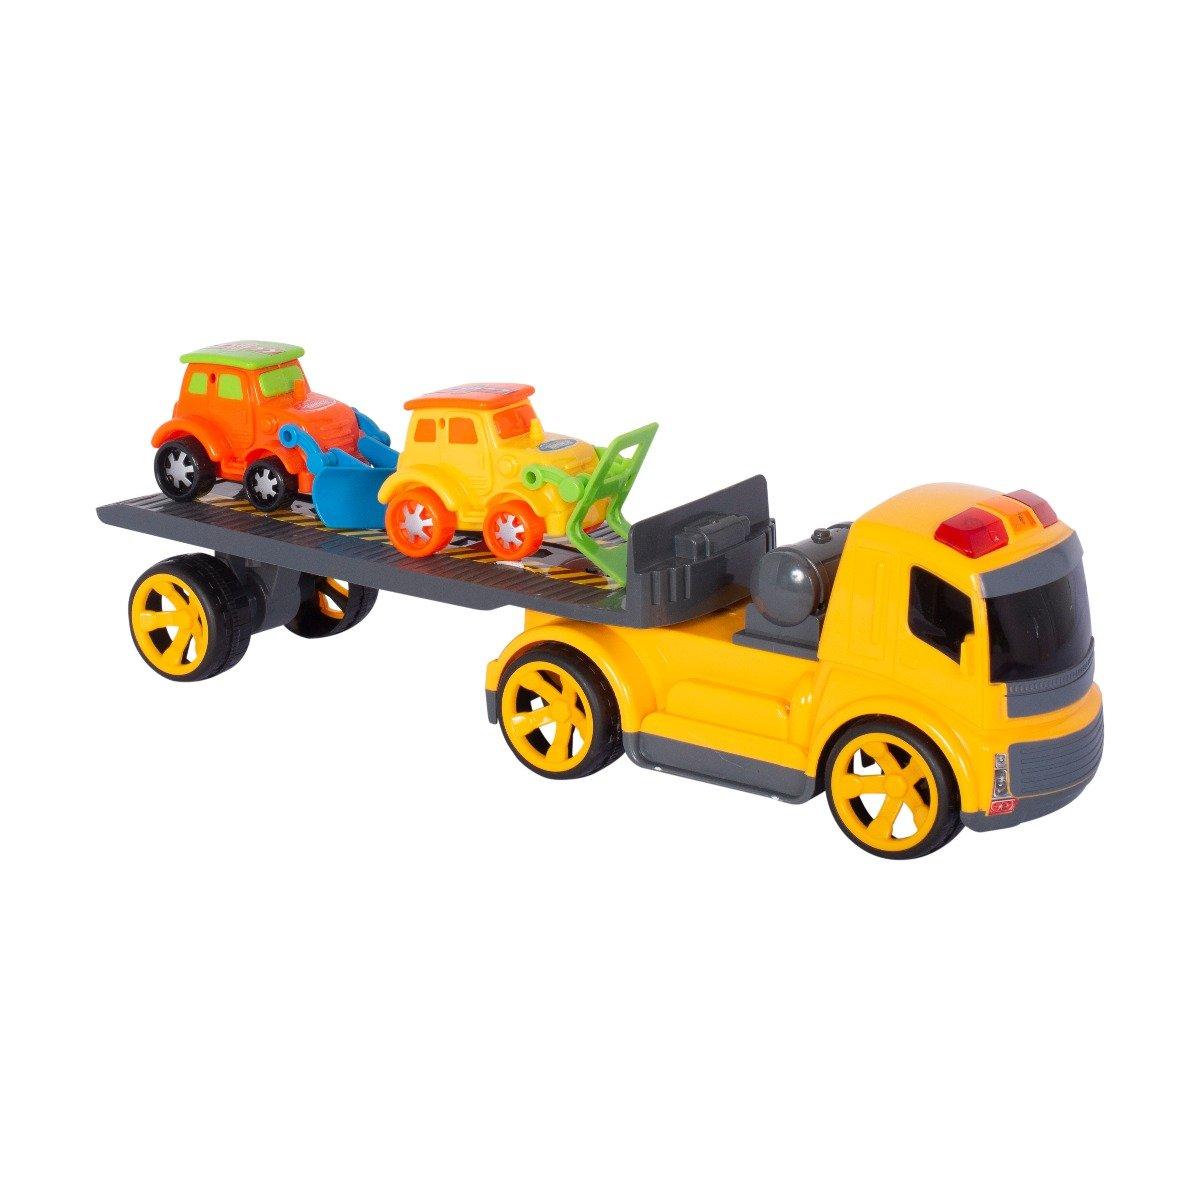 Transportor cu 2 masinute - Cool Machines, masina de asfaltat si excavator